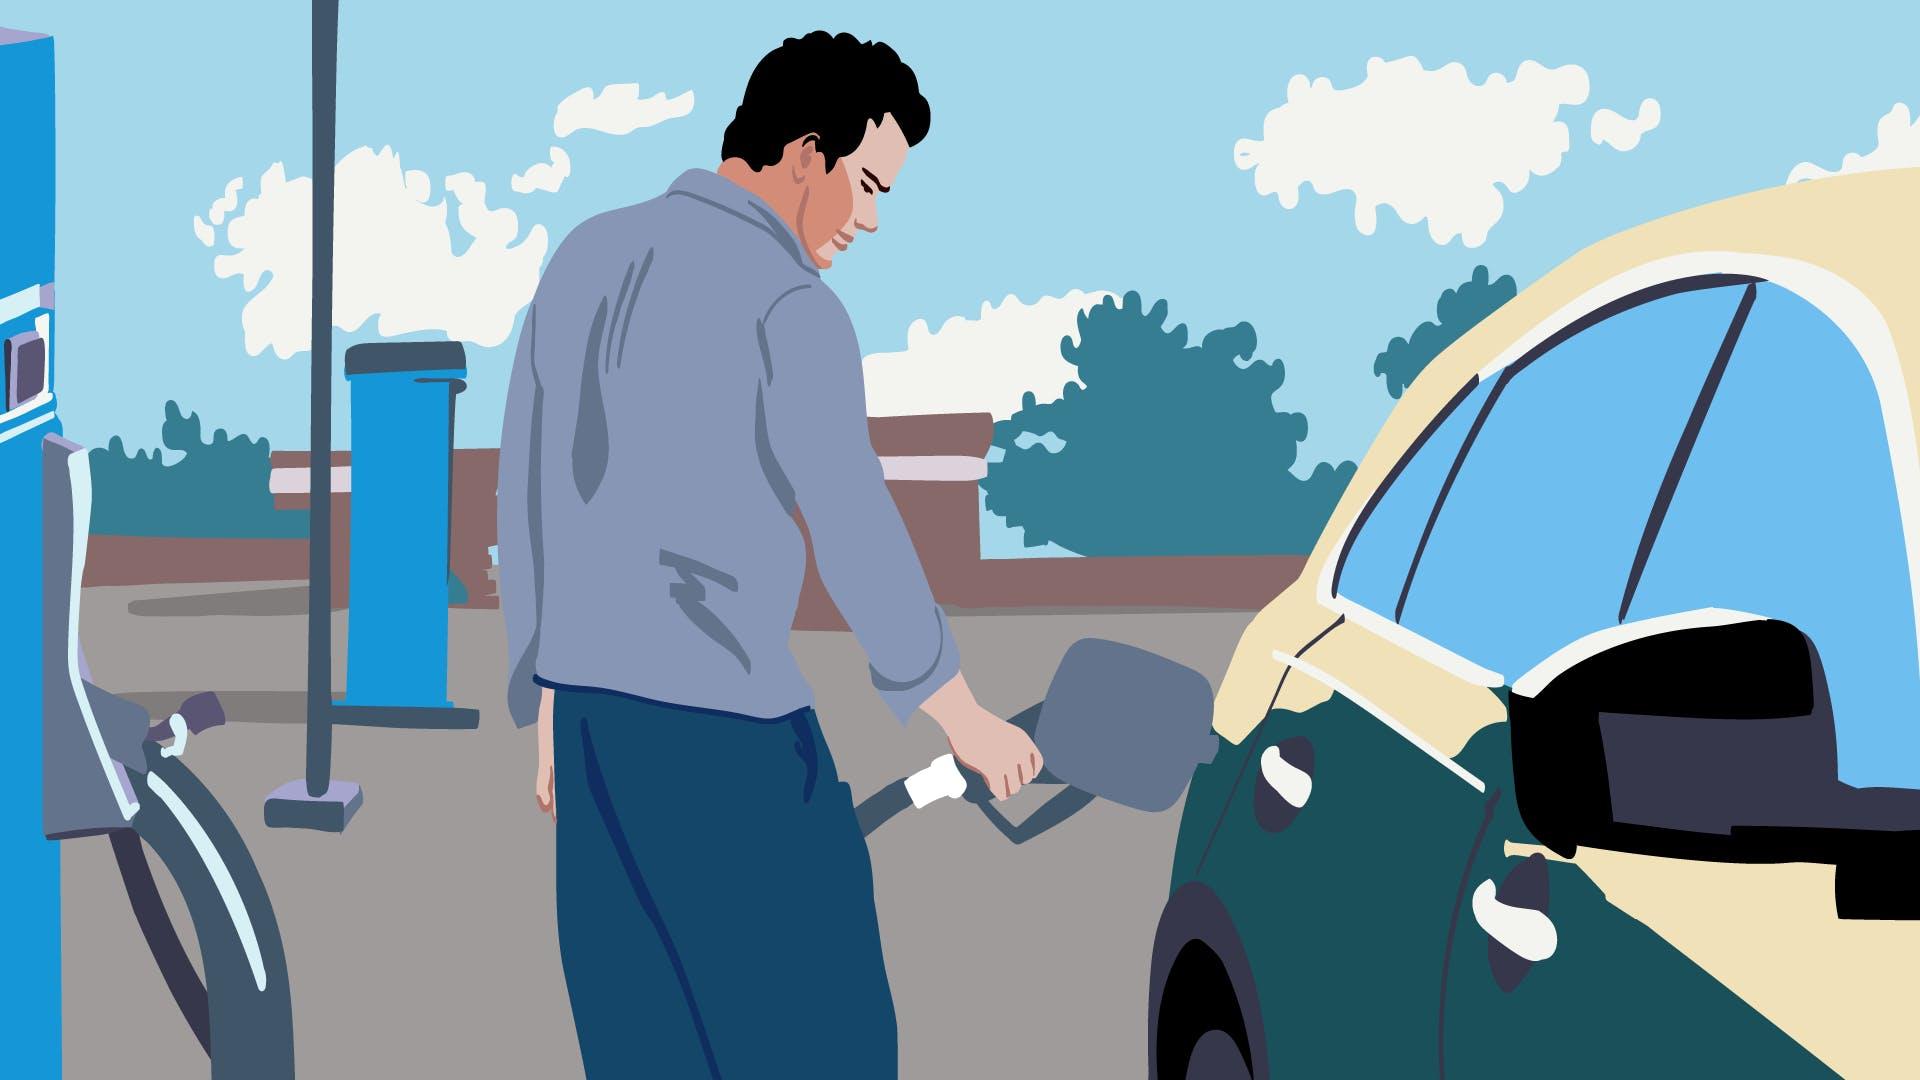 Mann betankt während einer Geschäftsreise sein Auto: Die Fahrtkosten sollten bei der Reisekostenabrechnung aufgeführt werden.